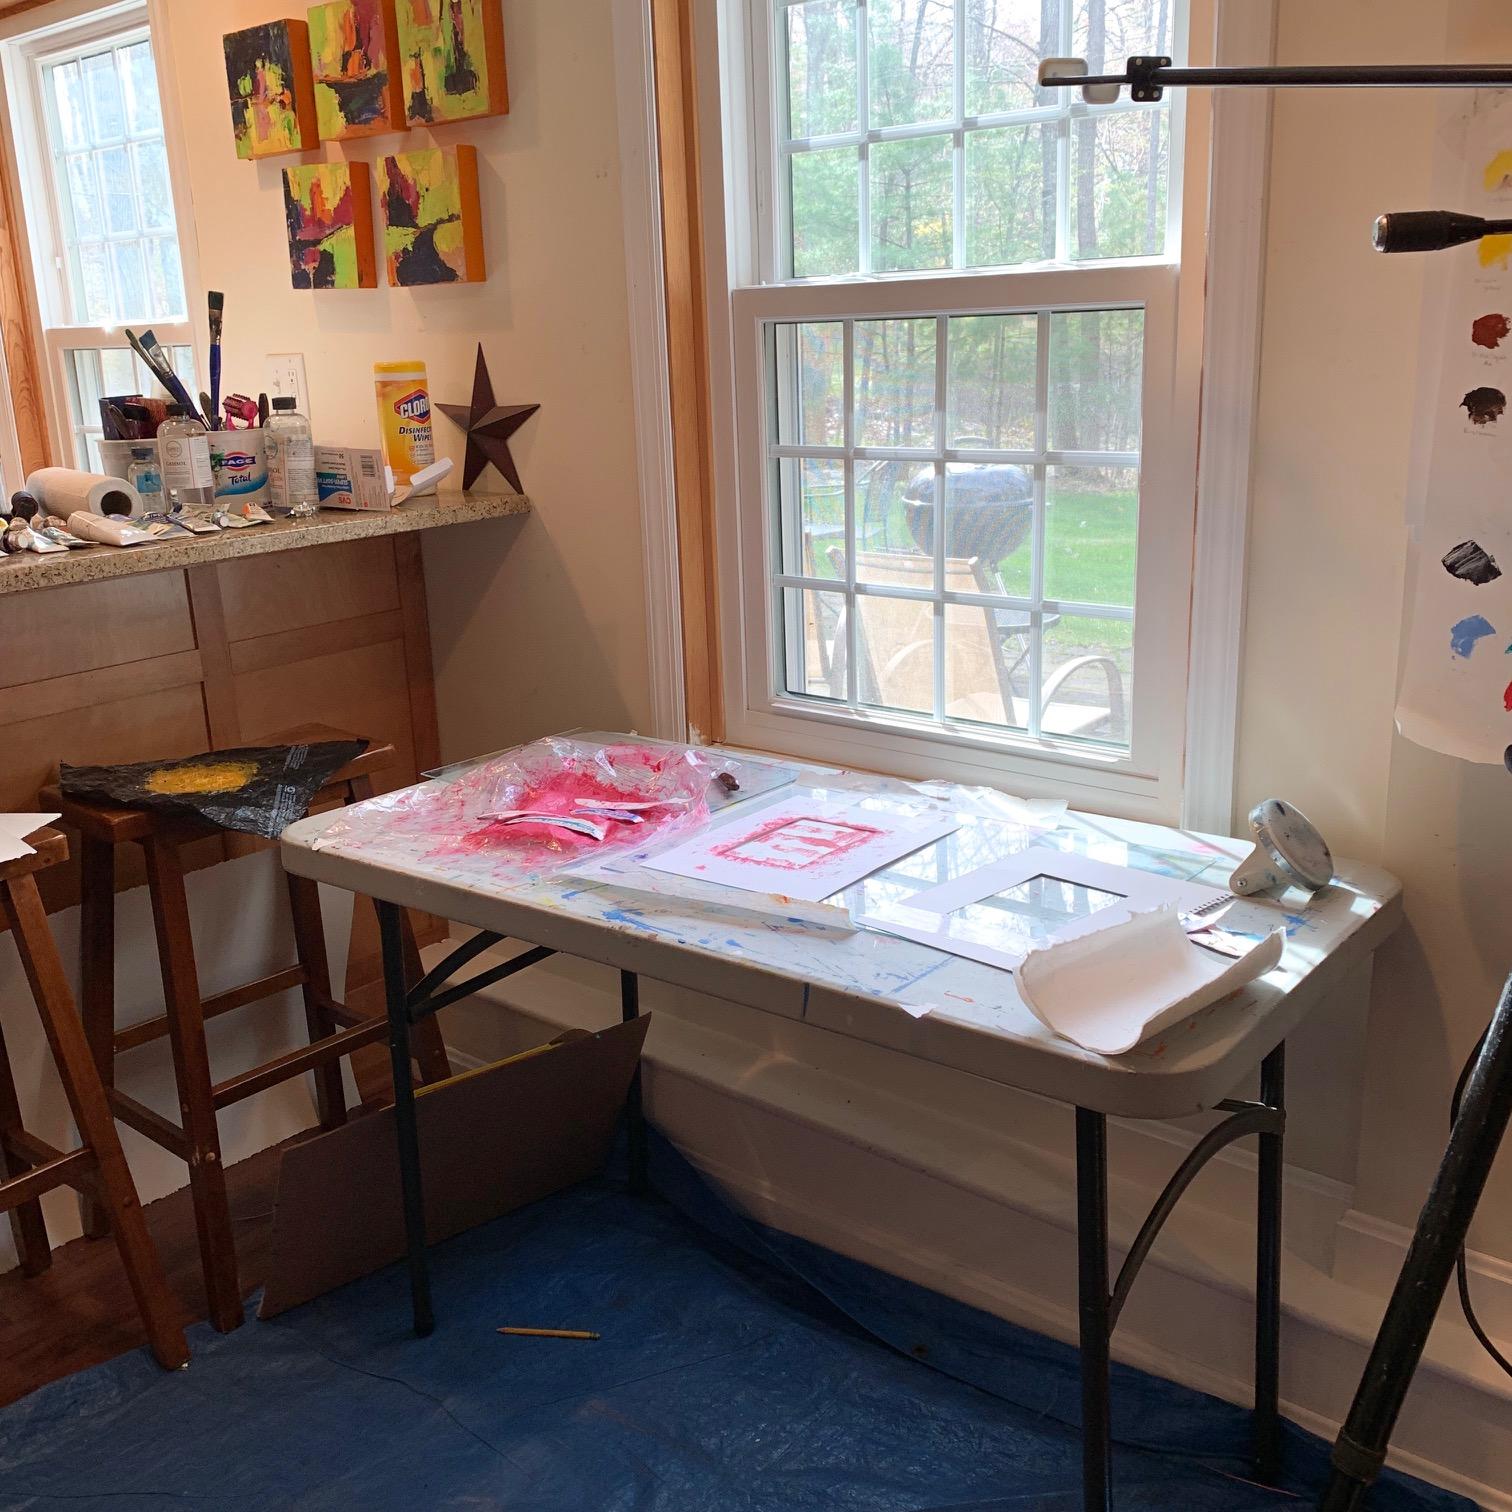 Printmaking studio view